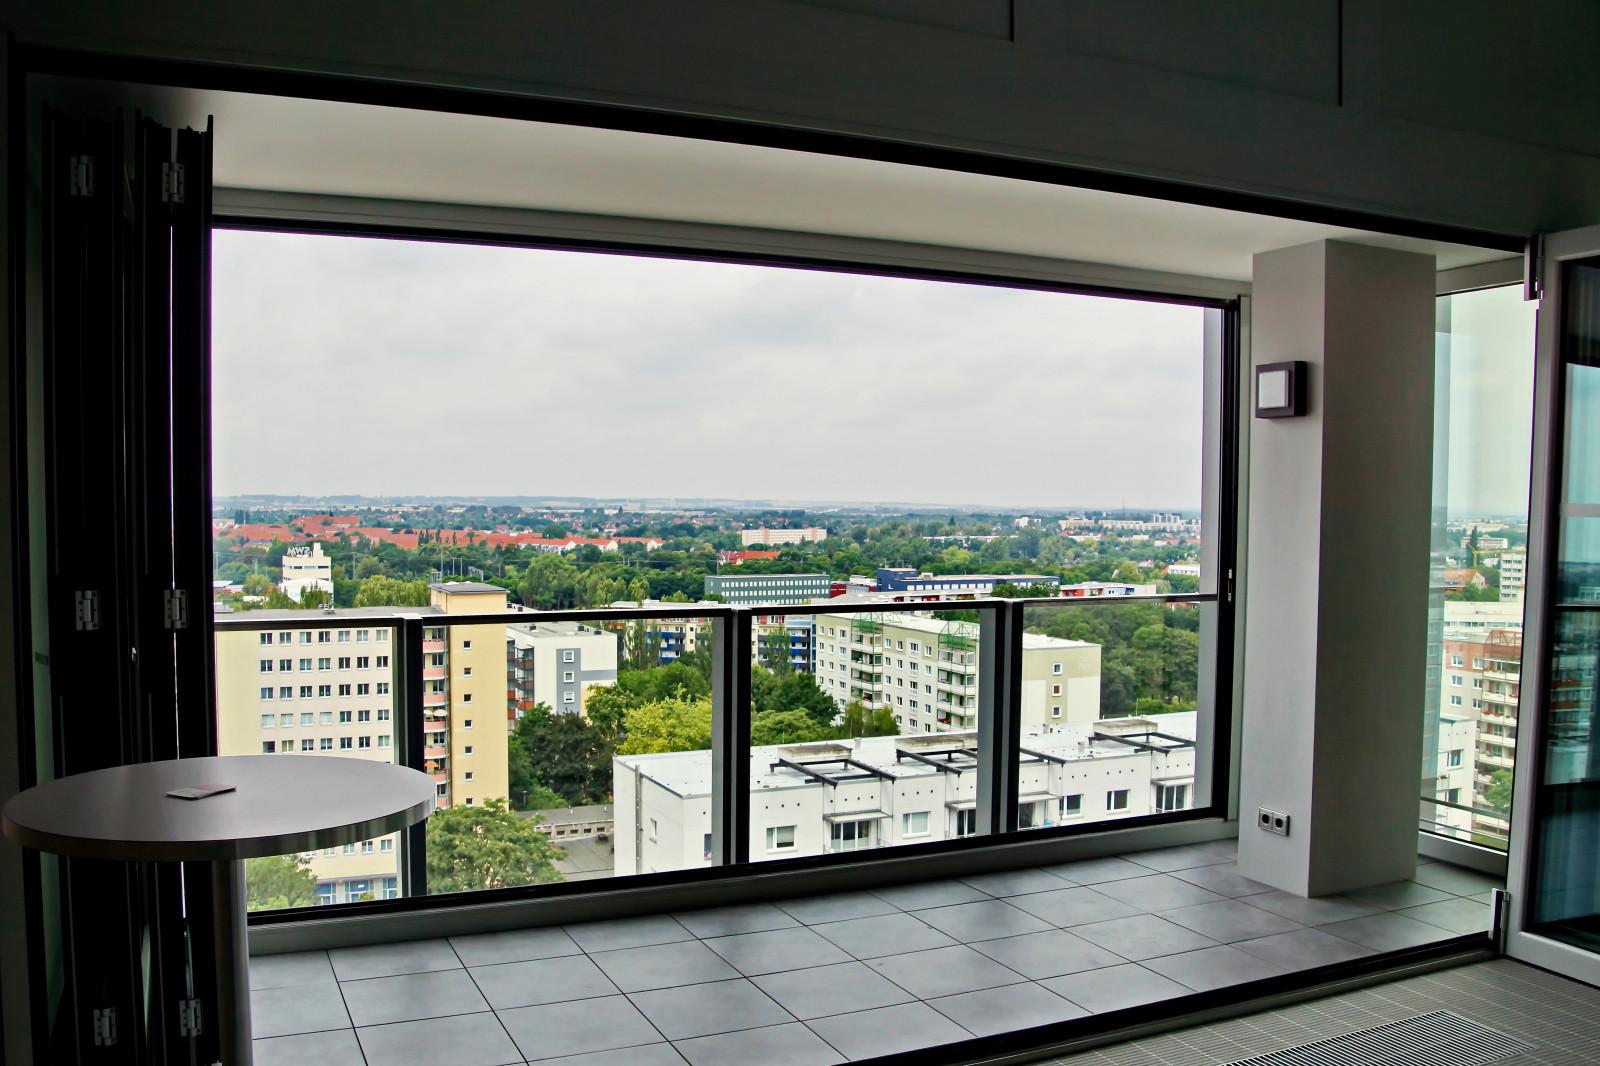 Hintergrundbilder fenster haus deutschland turm glas for Innenarchitektur haus bilder